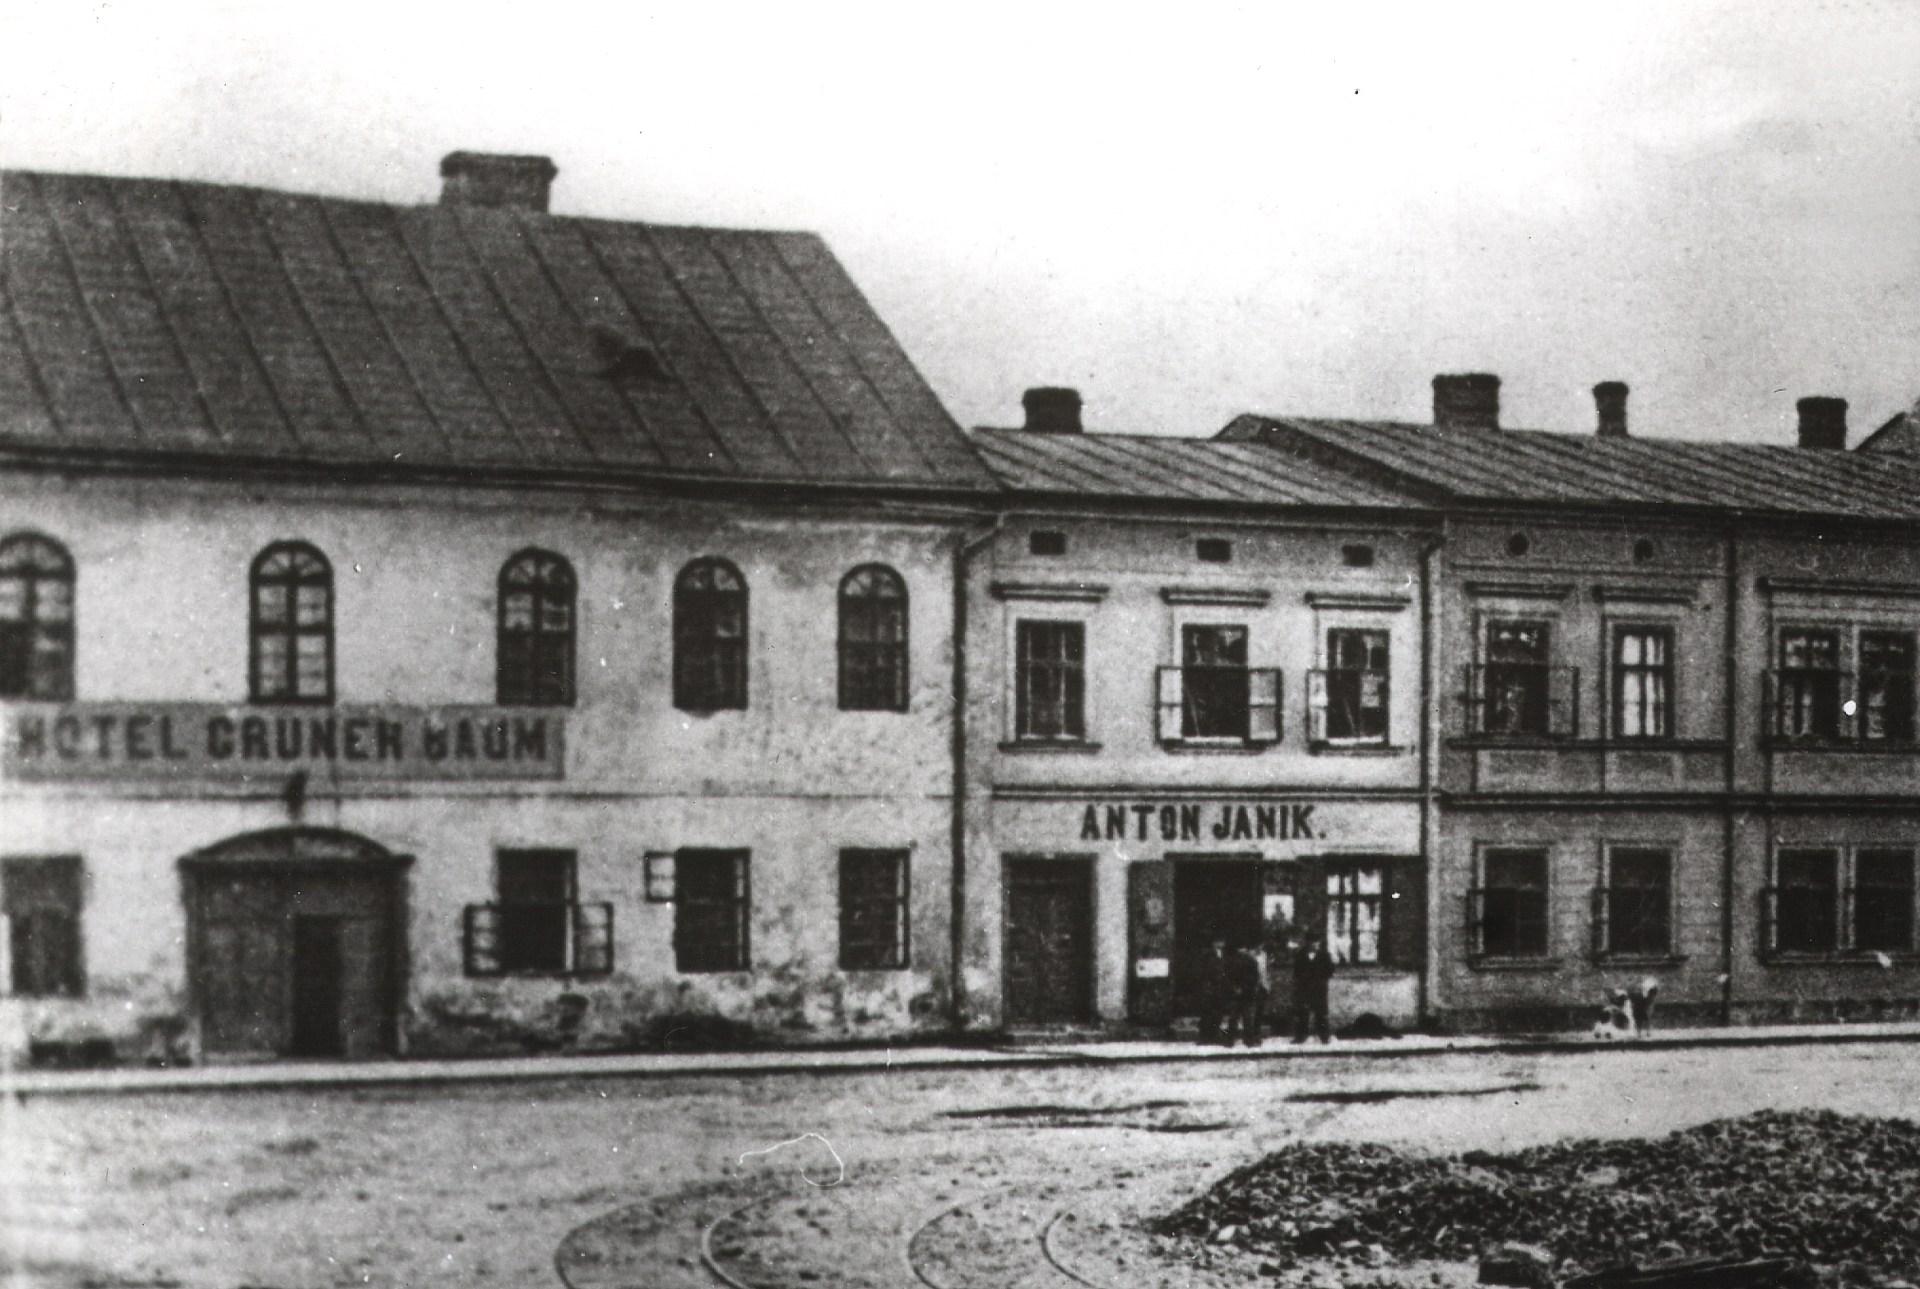 Původní hotel Grüner Baum